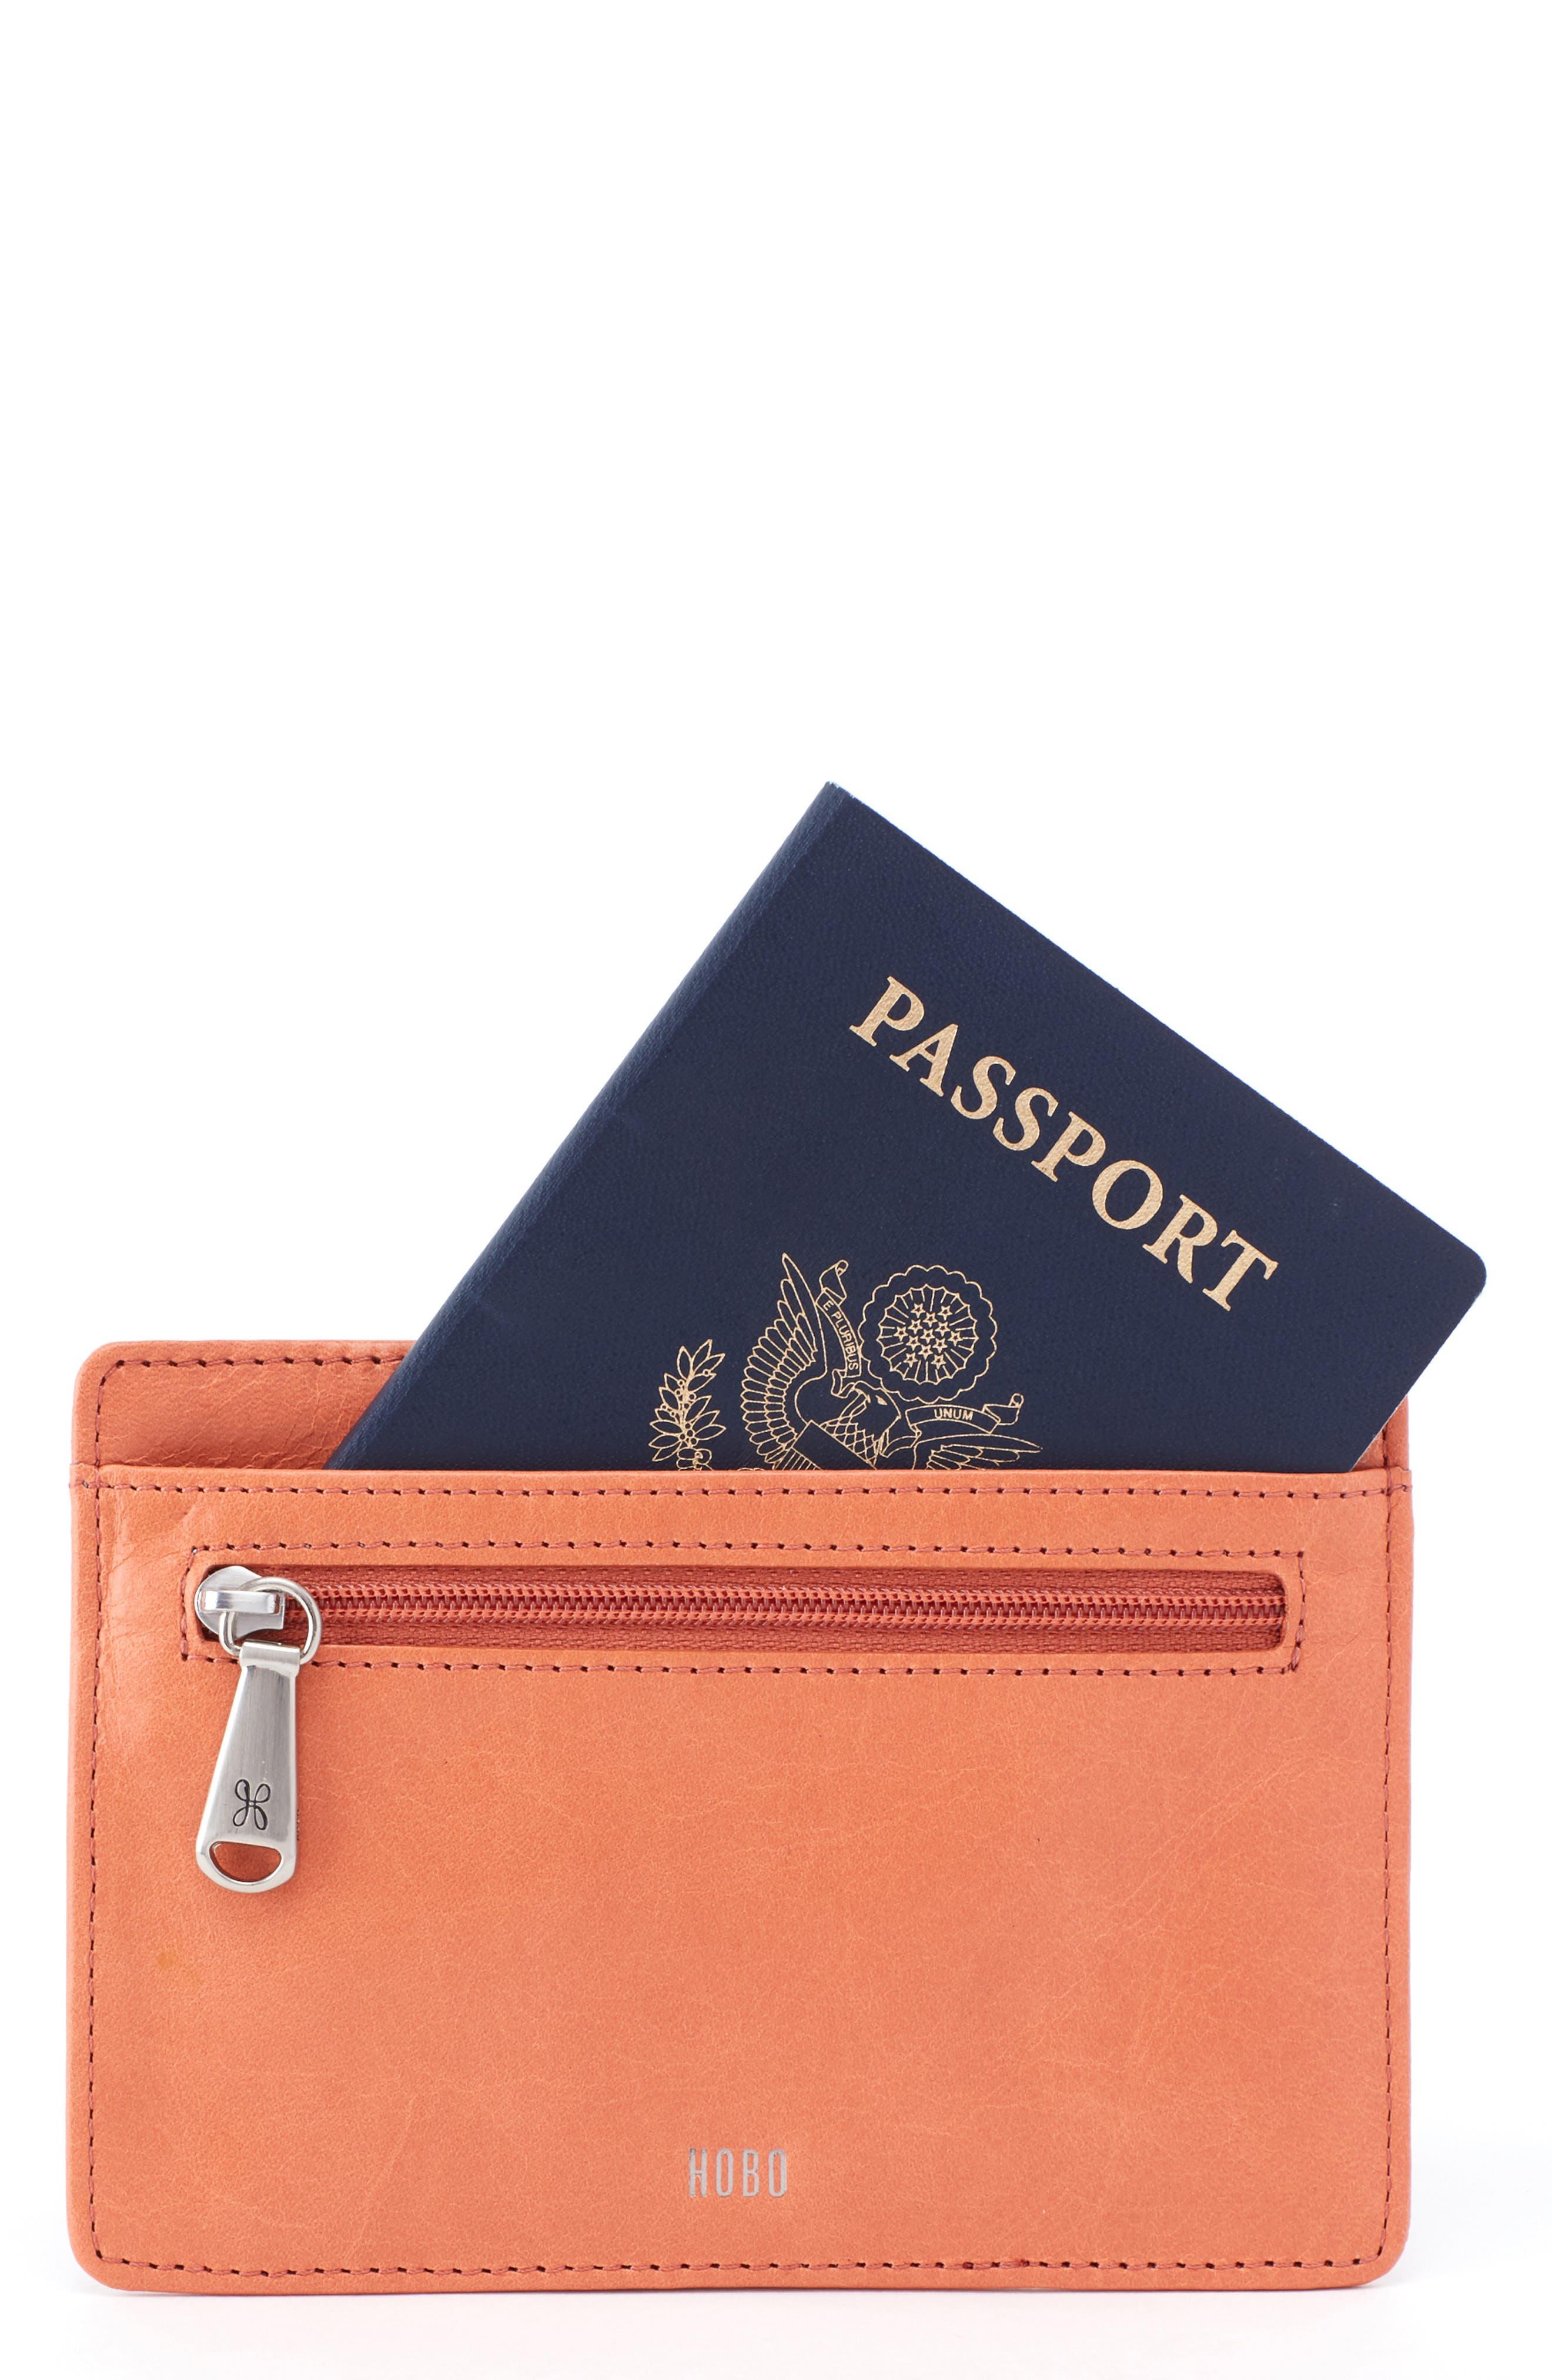 de07298e8596 Travel Accessories  Passport Holders   More